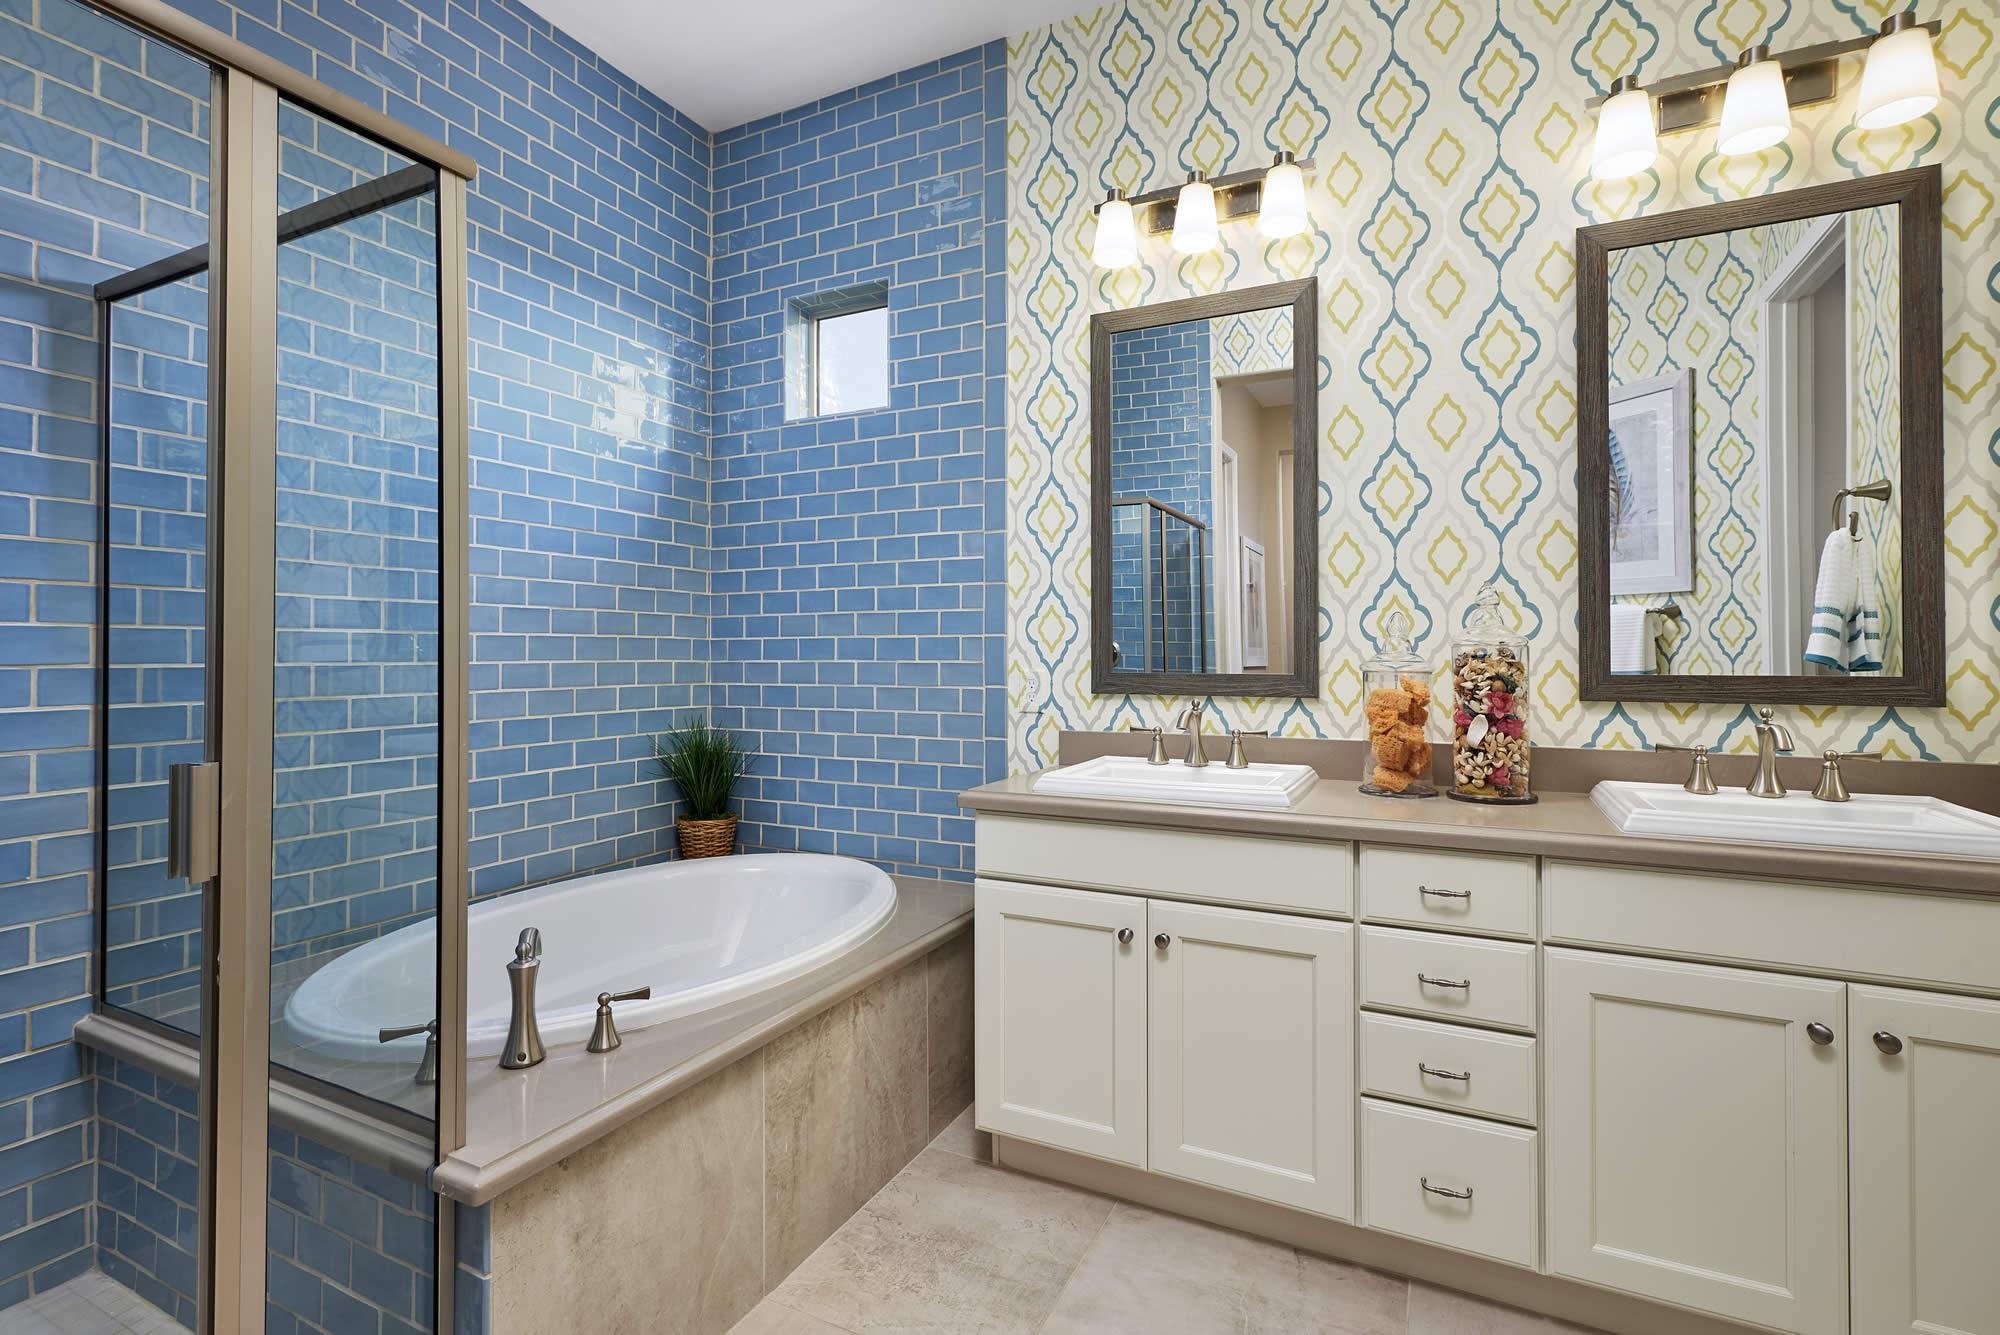 New Homes in Gilbert AZ - 3 Bedroom House Floor Plans | Dover ...